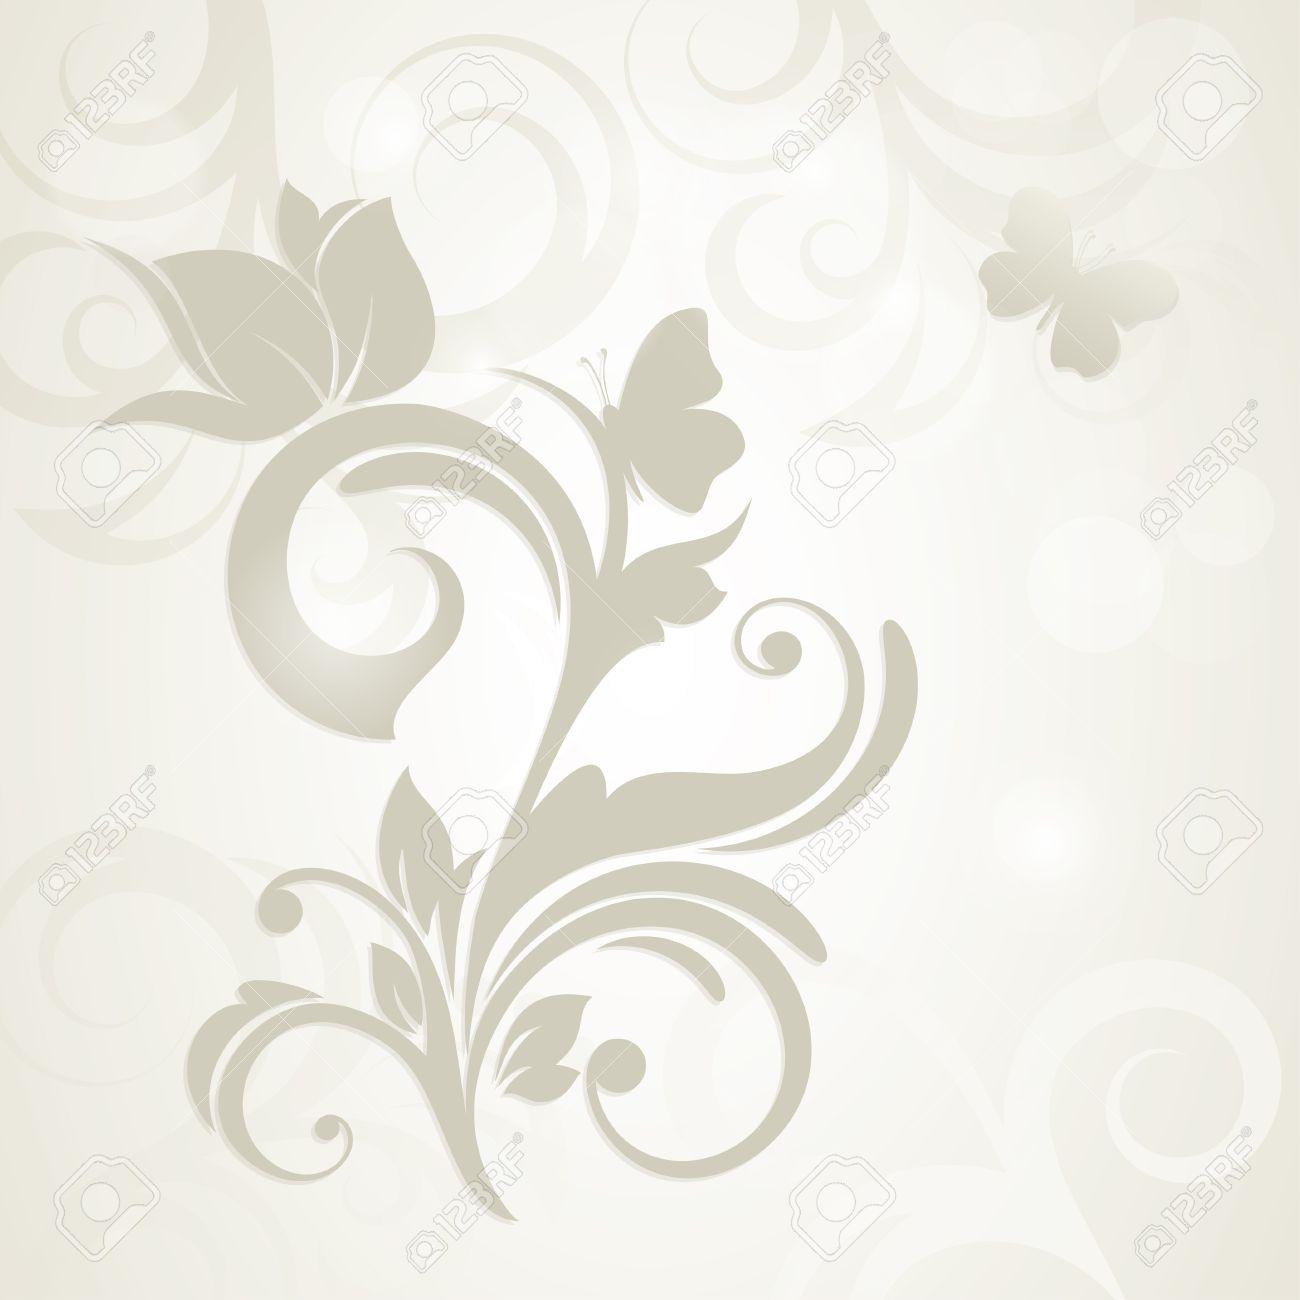 Fondos Para Invitacion De Boda Rojo Van Adheridas De Forma Que Dan - Fondo-invitacion-boda